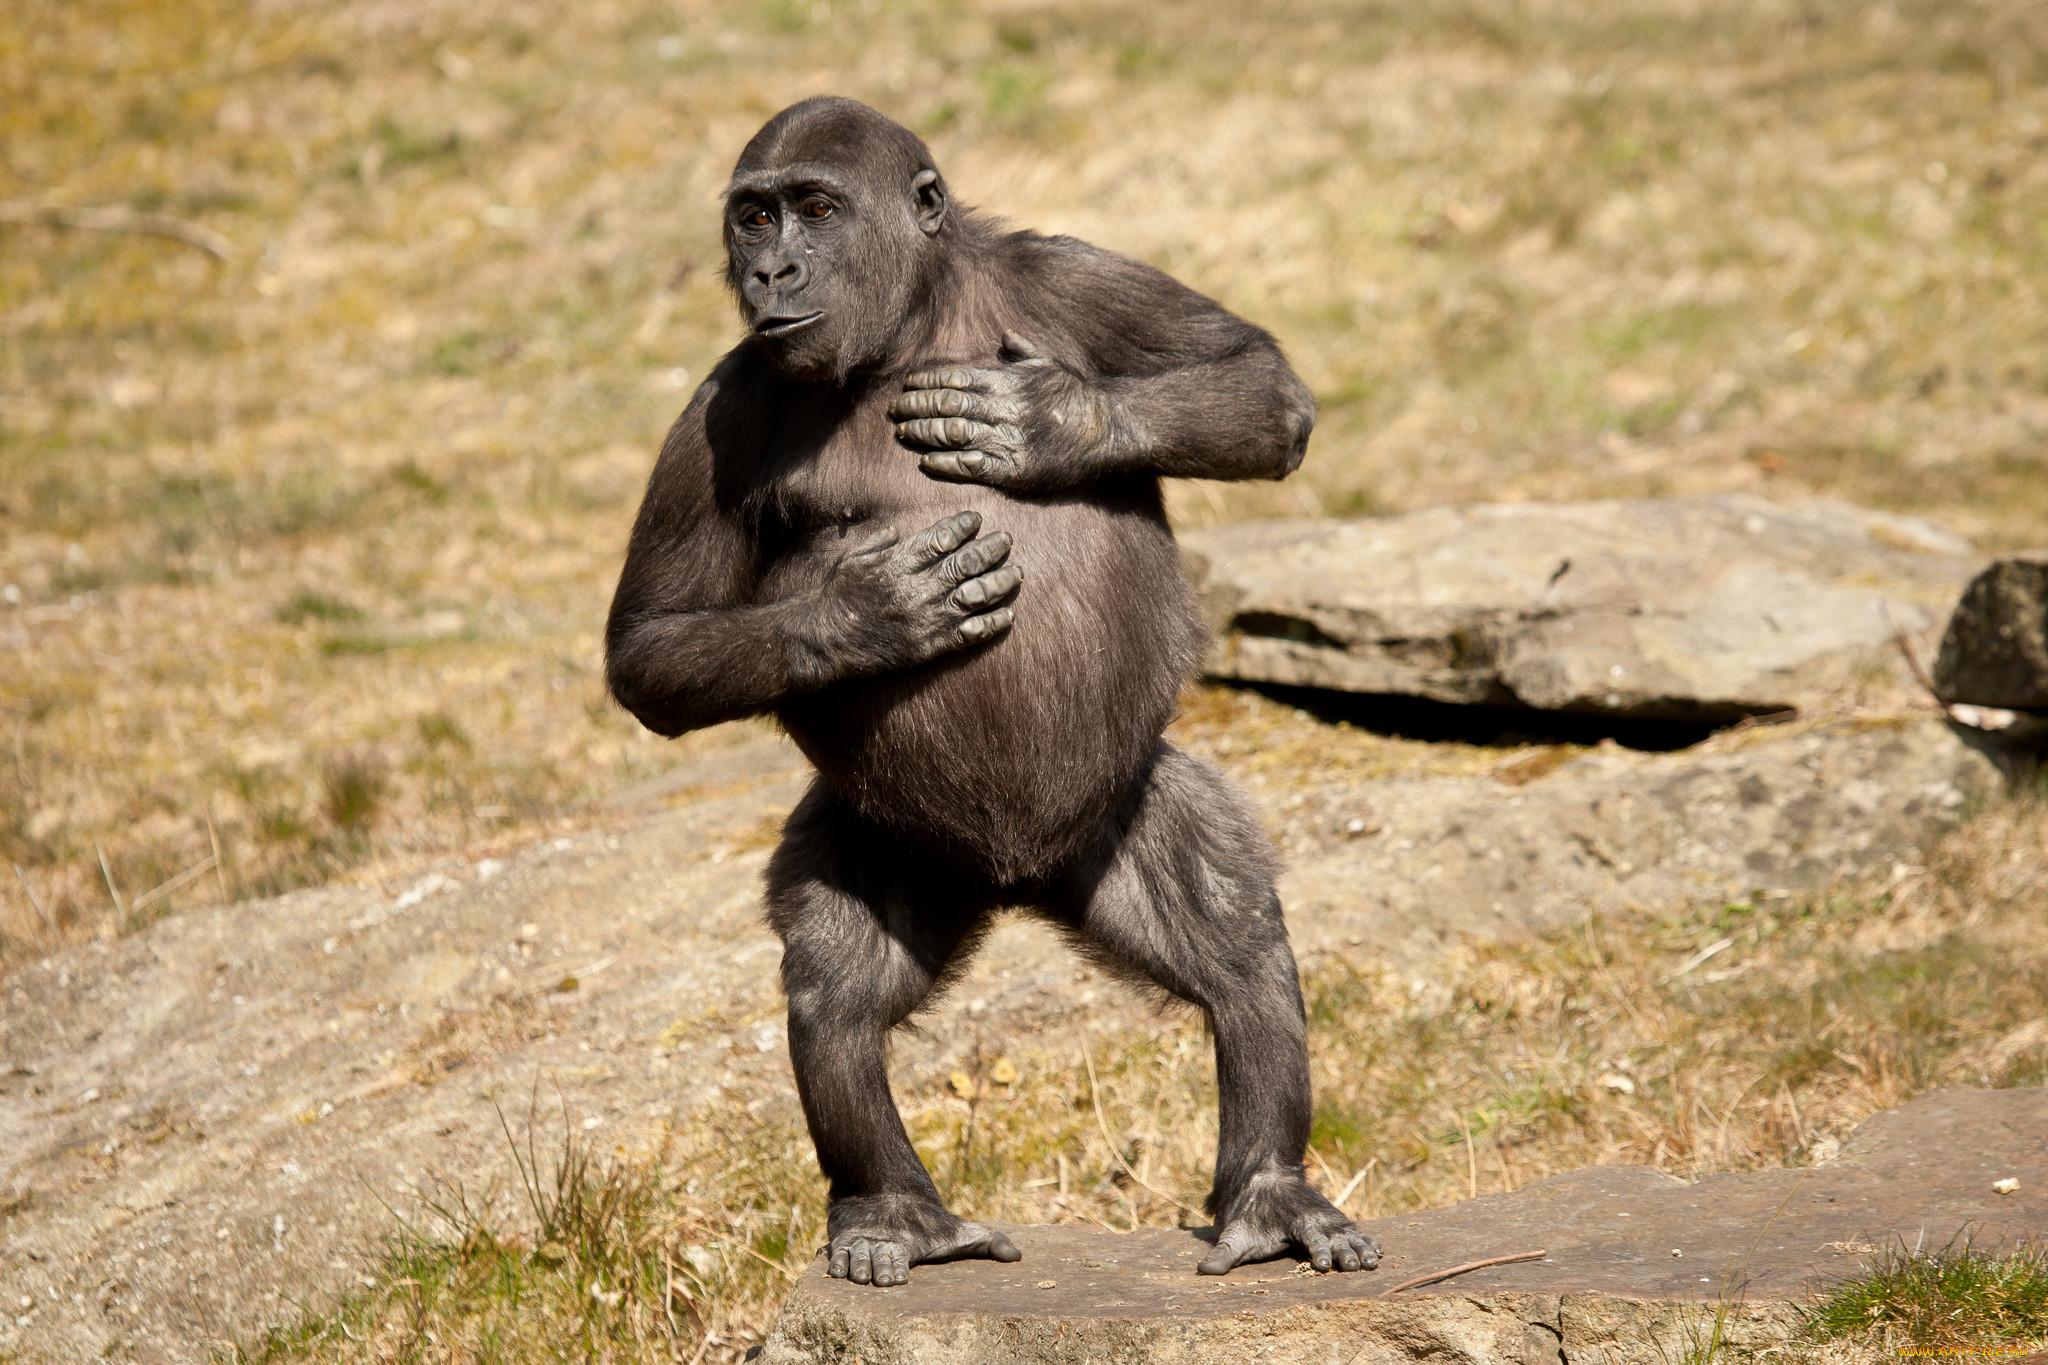 автомобиль картинки гориллы приколы время погони убийца